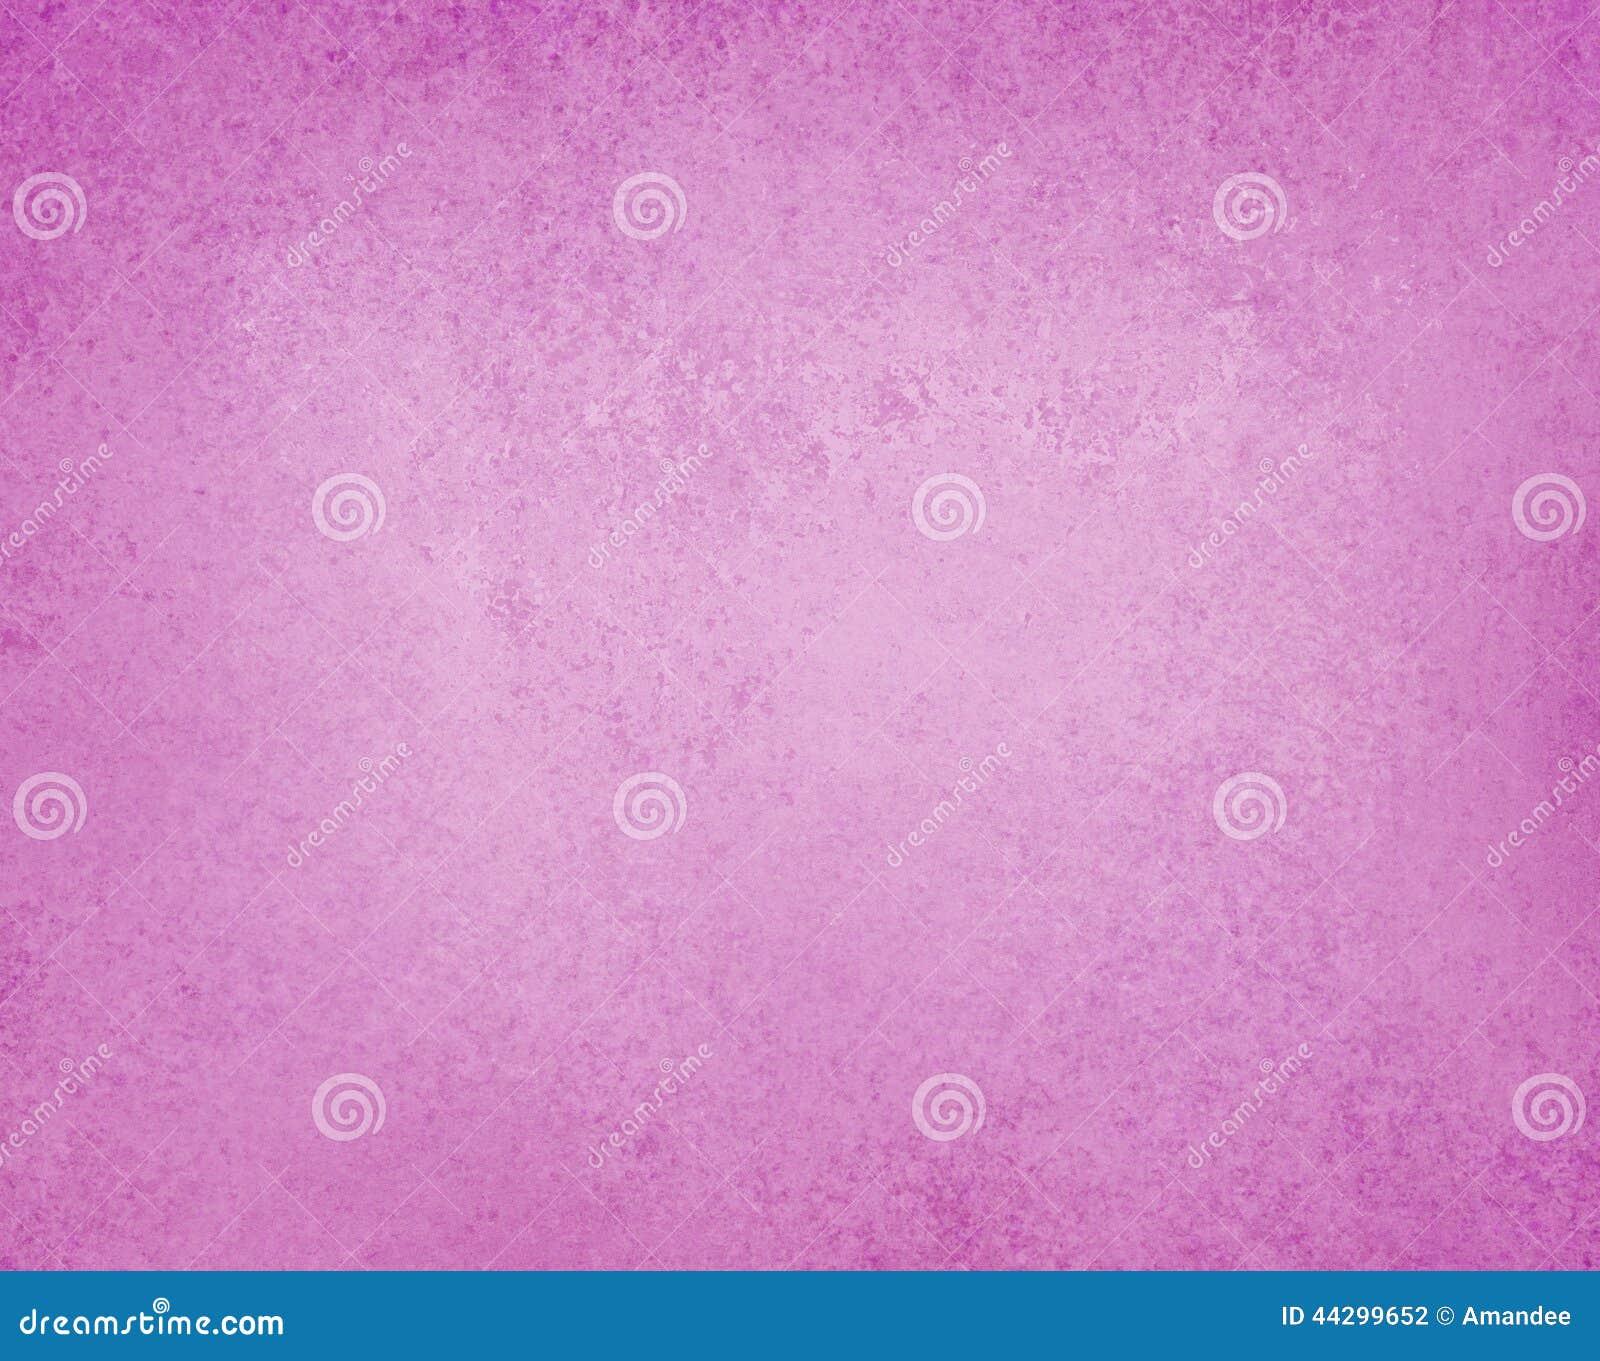 För tappninggrunge för abstrakt rosa bakgrund lyxig rik design för textur för bakgrund med elegant antik målarfärg på väggillustr